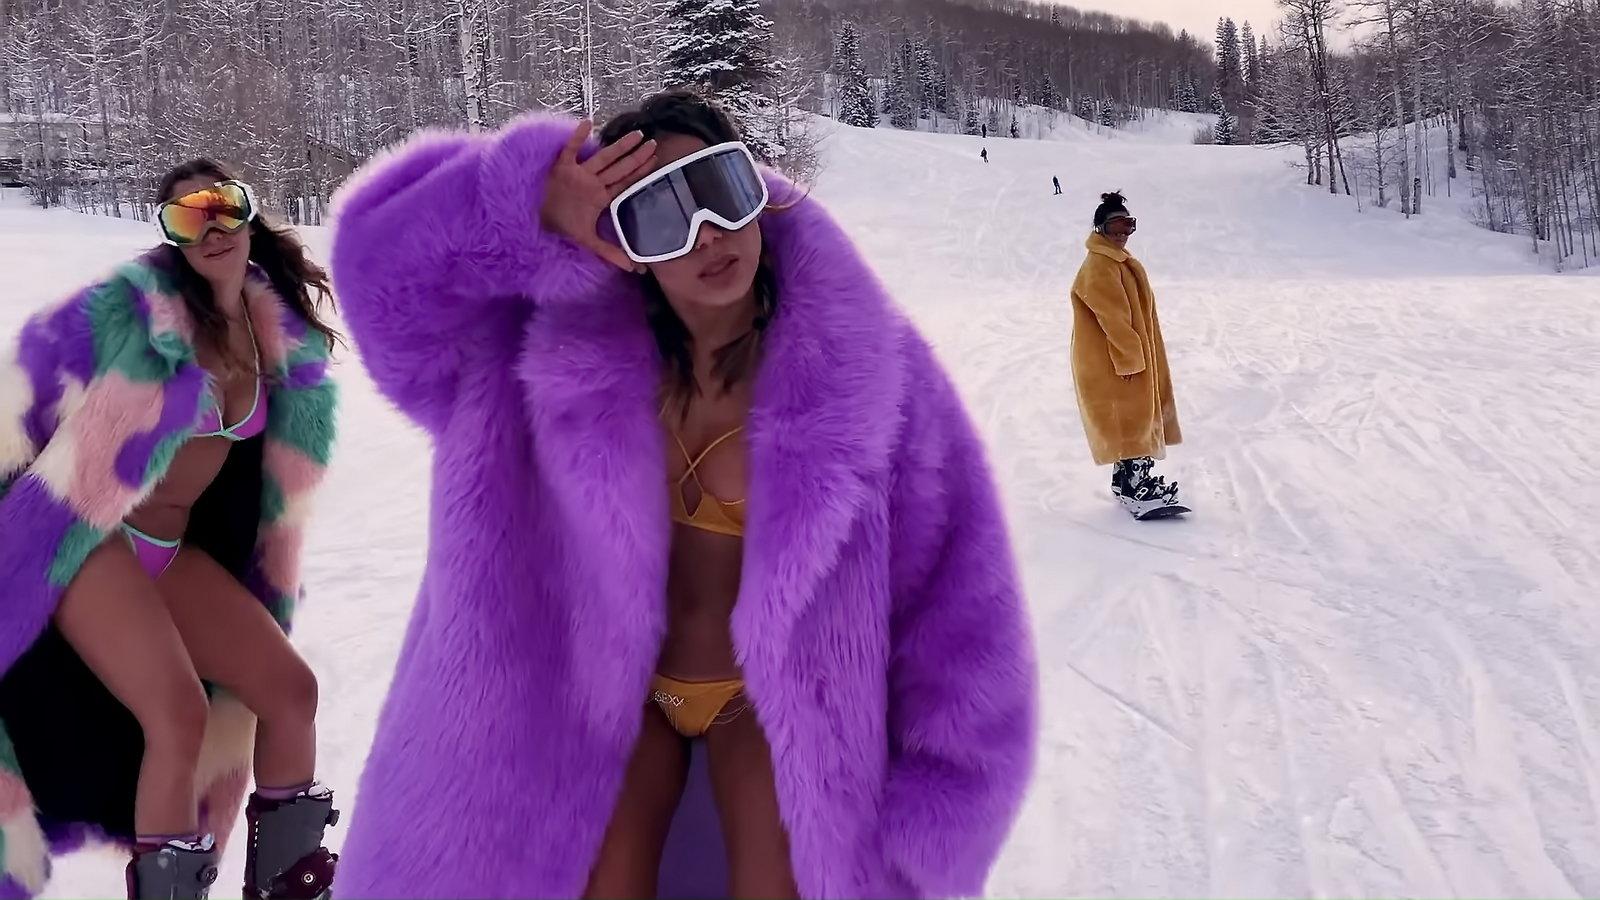 Anitta - Loco Music Video Screenshot